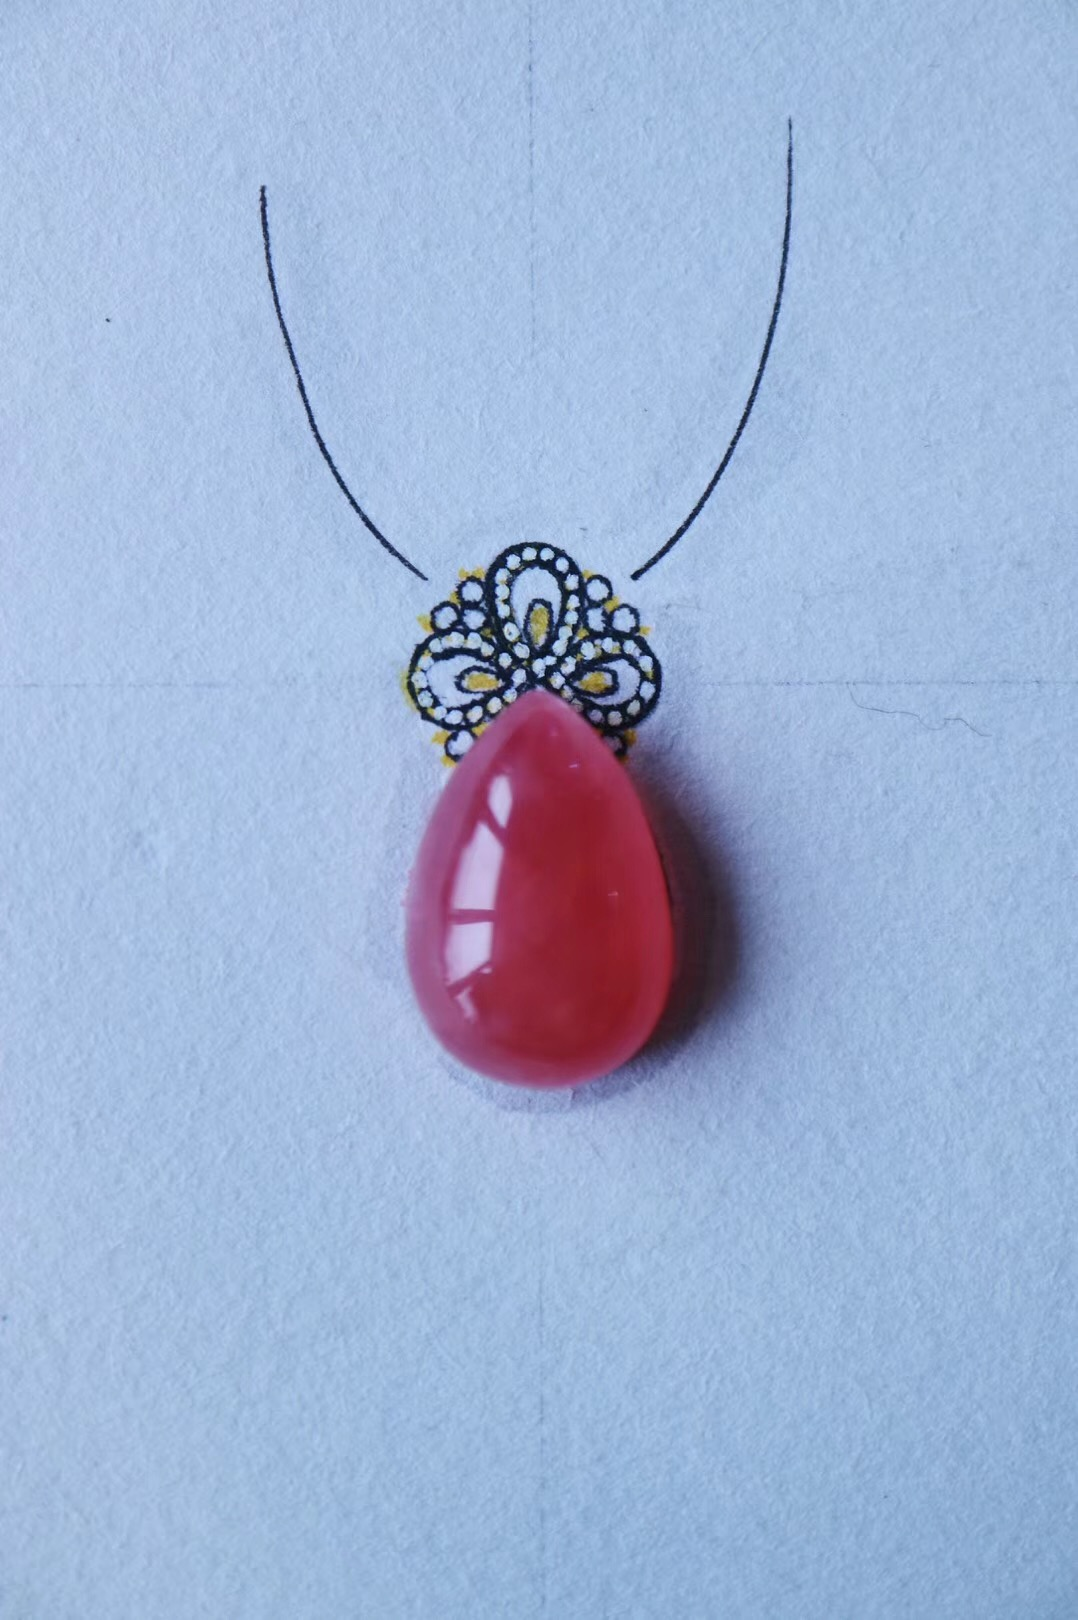 【菩心-阿根廷国石&红纹石】我爱你,不光因为你的样子-菩心晶舍